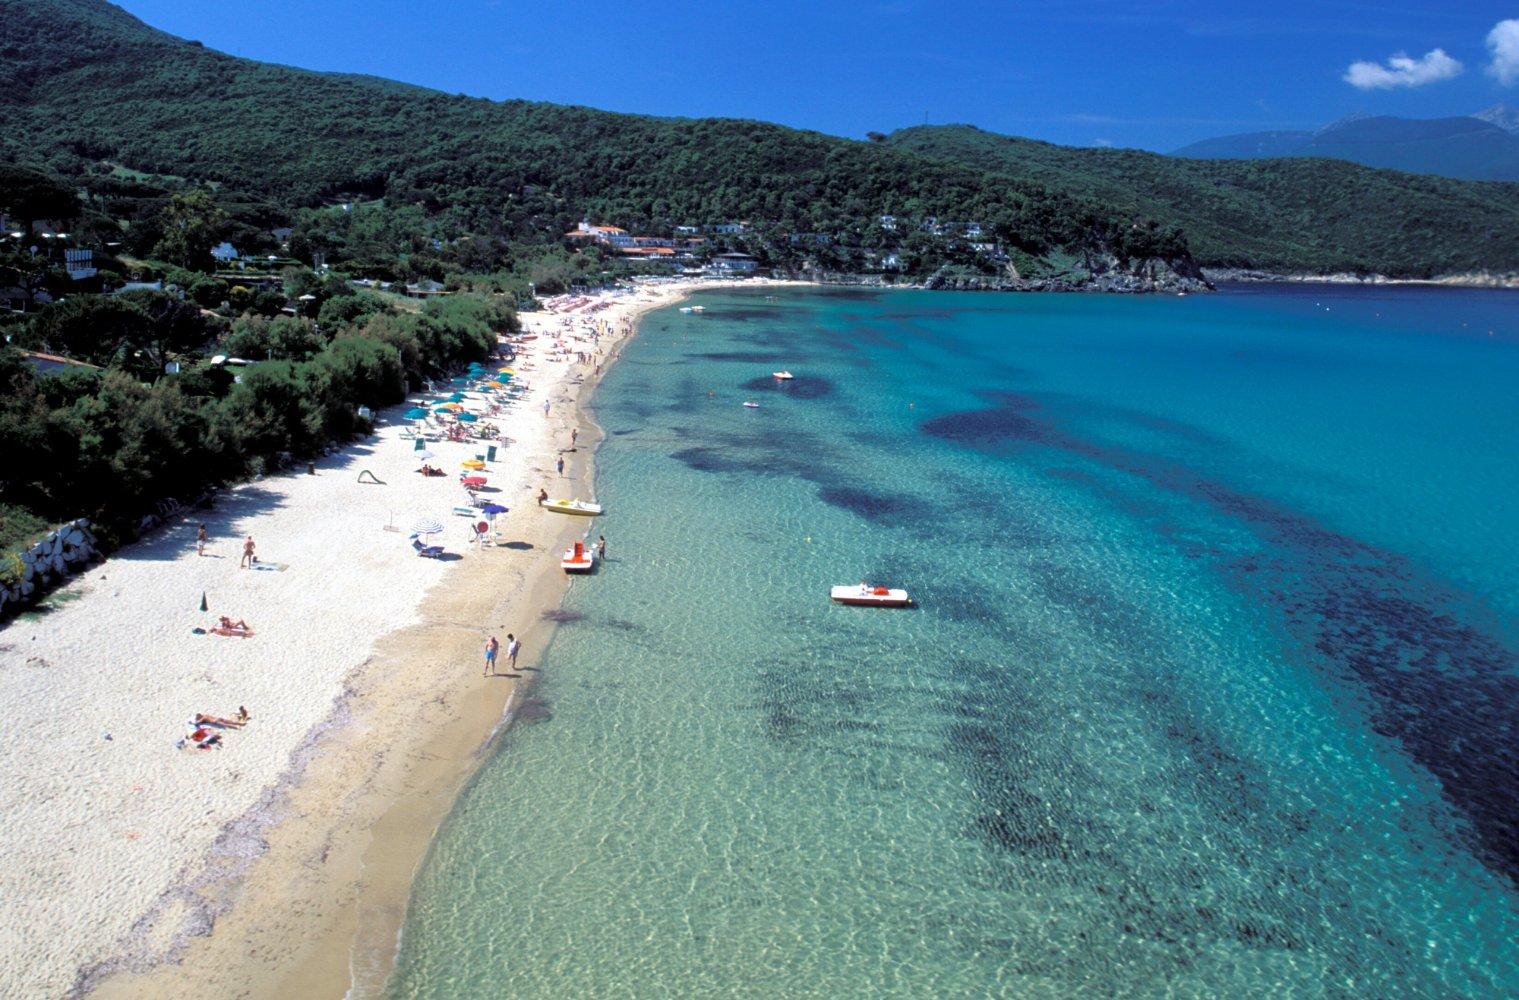 Spiagge Wi Fi In Toscana Per Navigare In Riva Al Mare Visit Tuscany